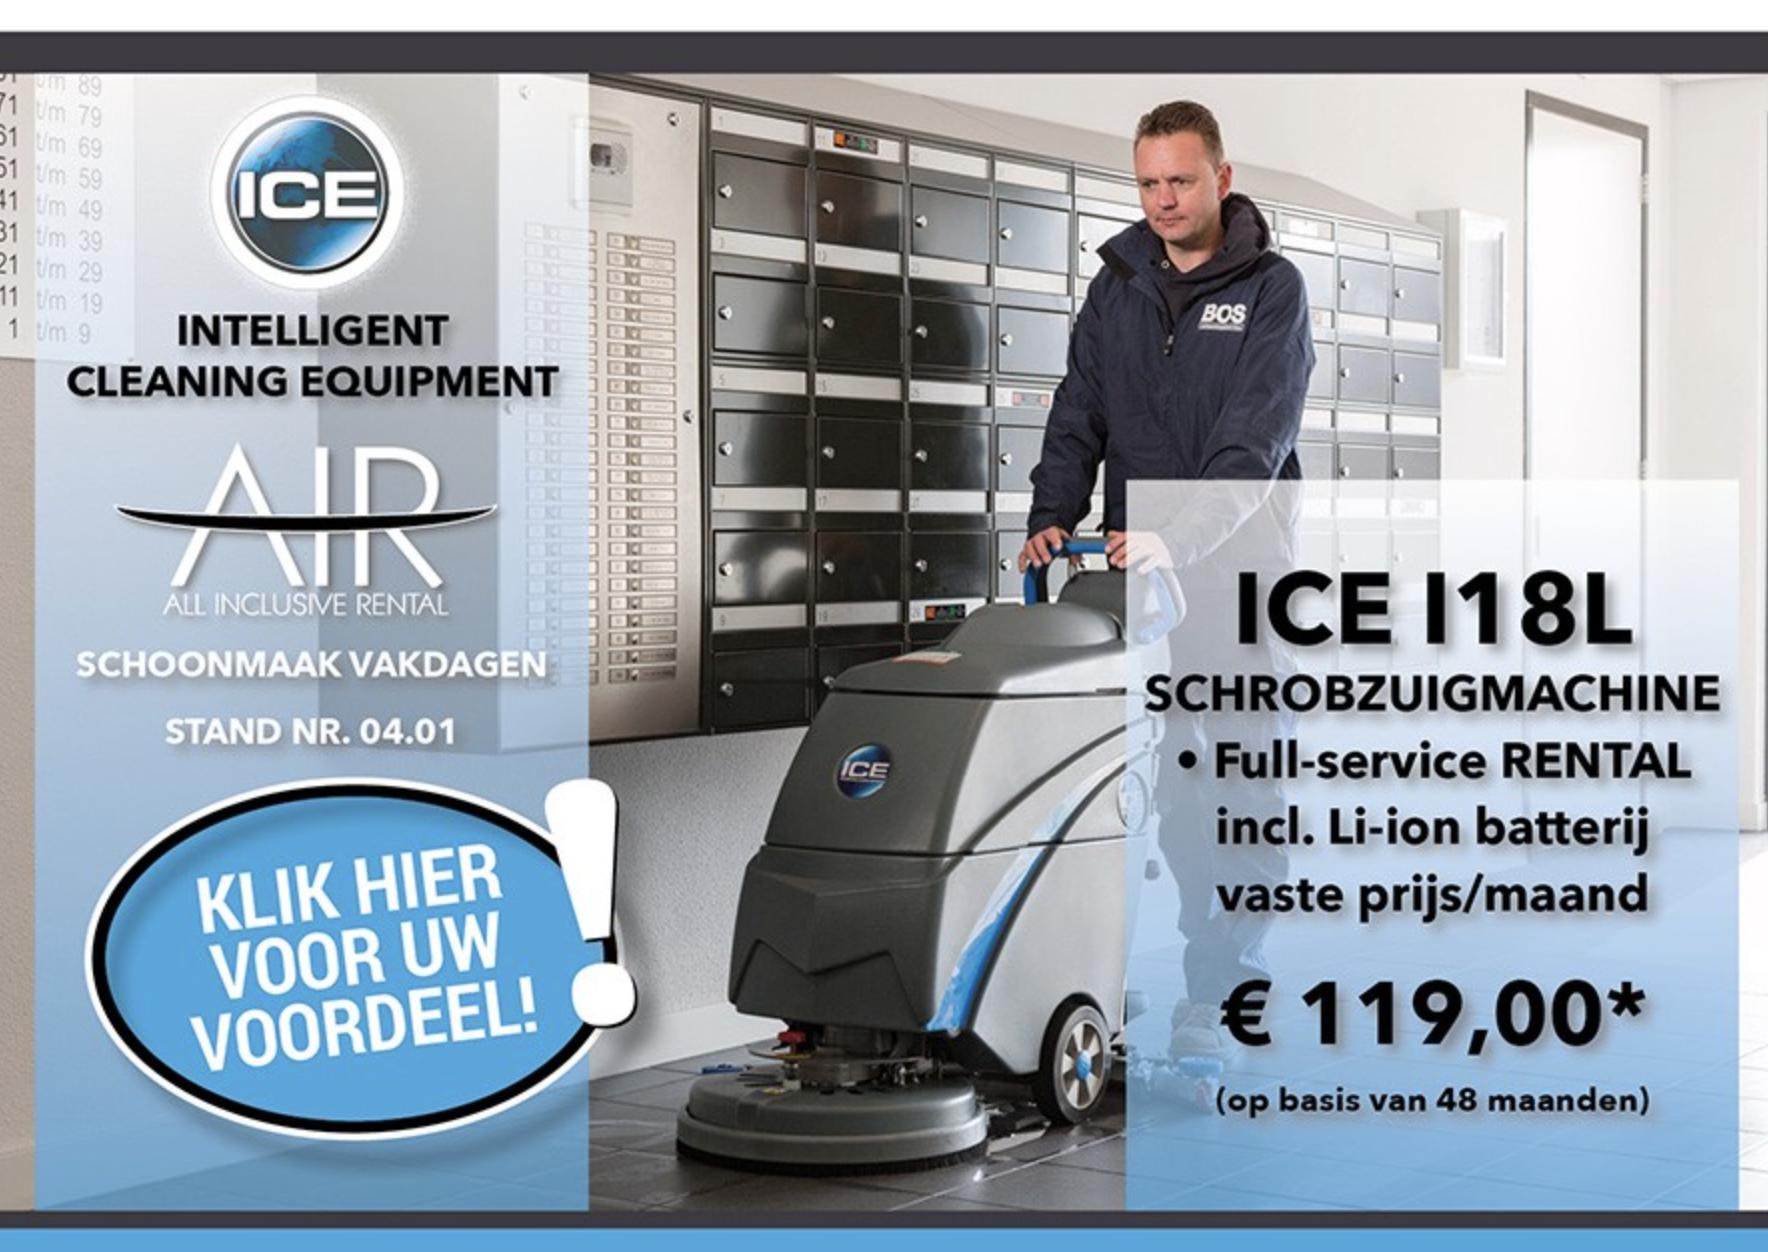 ICE-i18L-schrobzuigmachine-rebntal